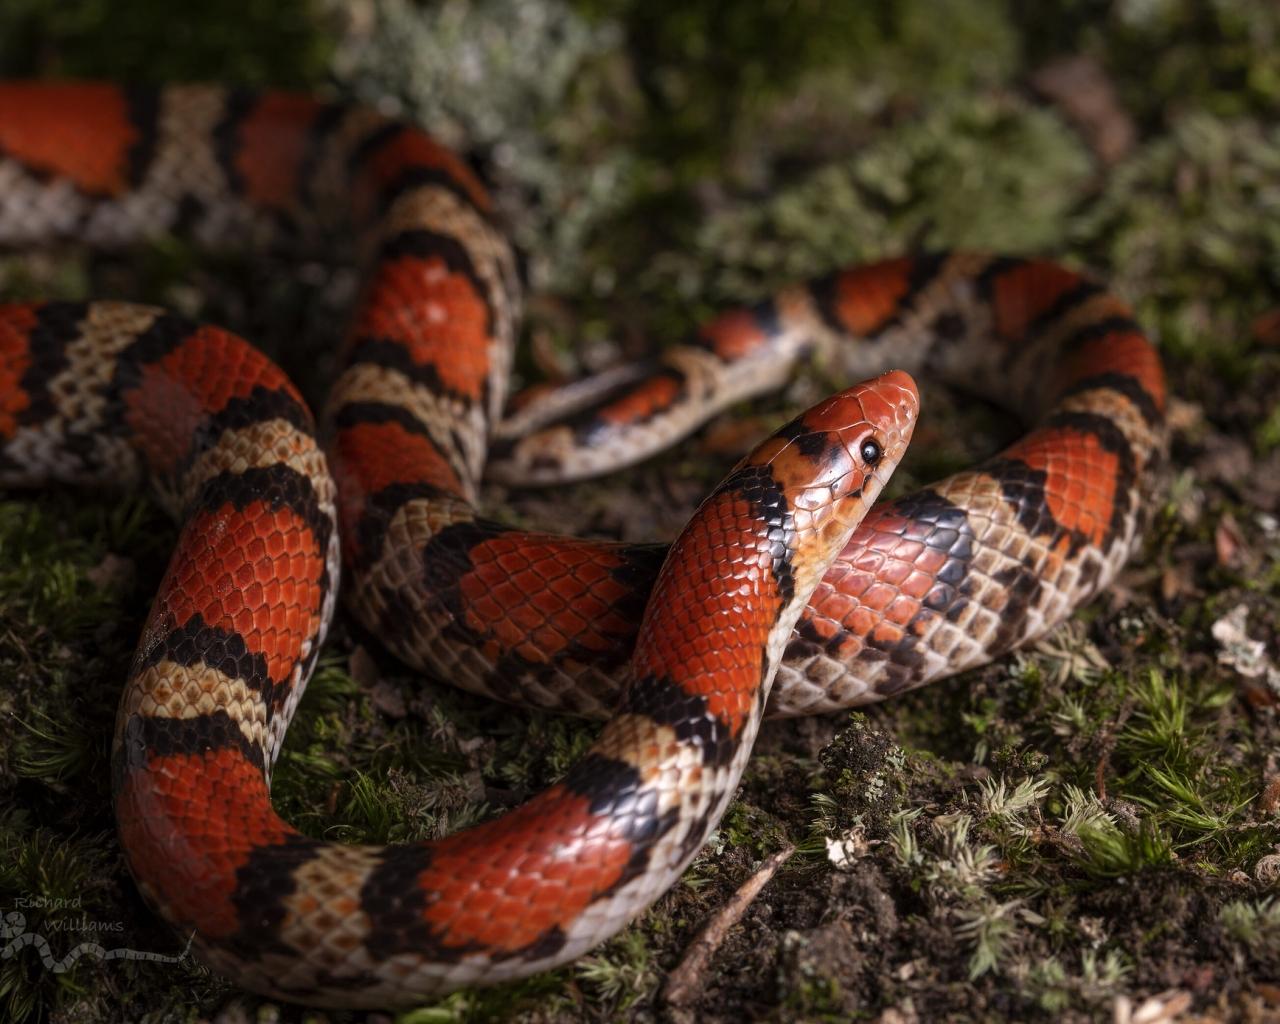 Serpiente de Coral - 1280x1024